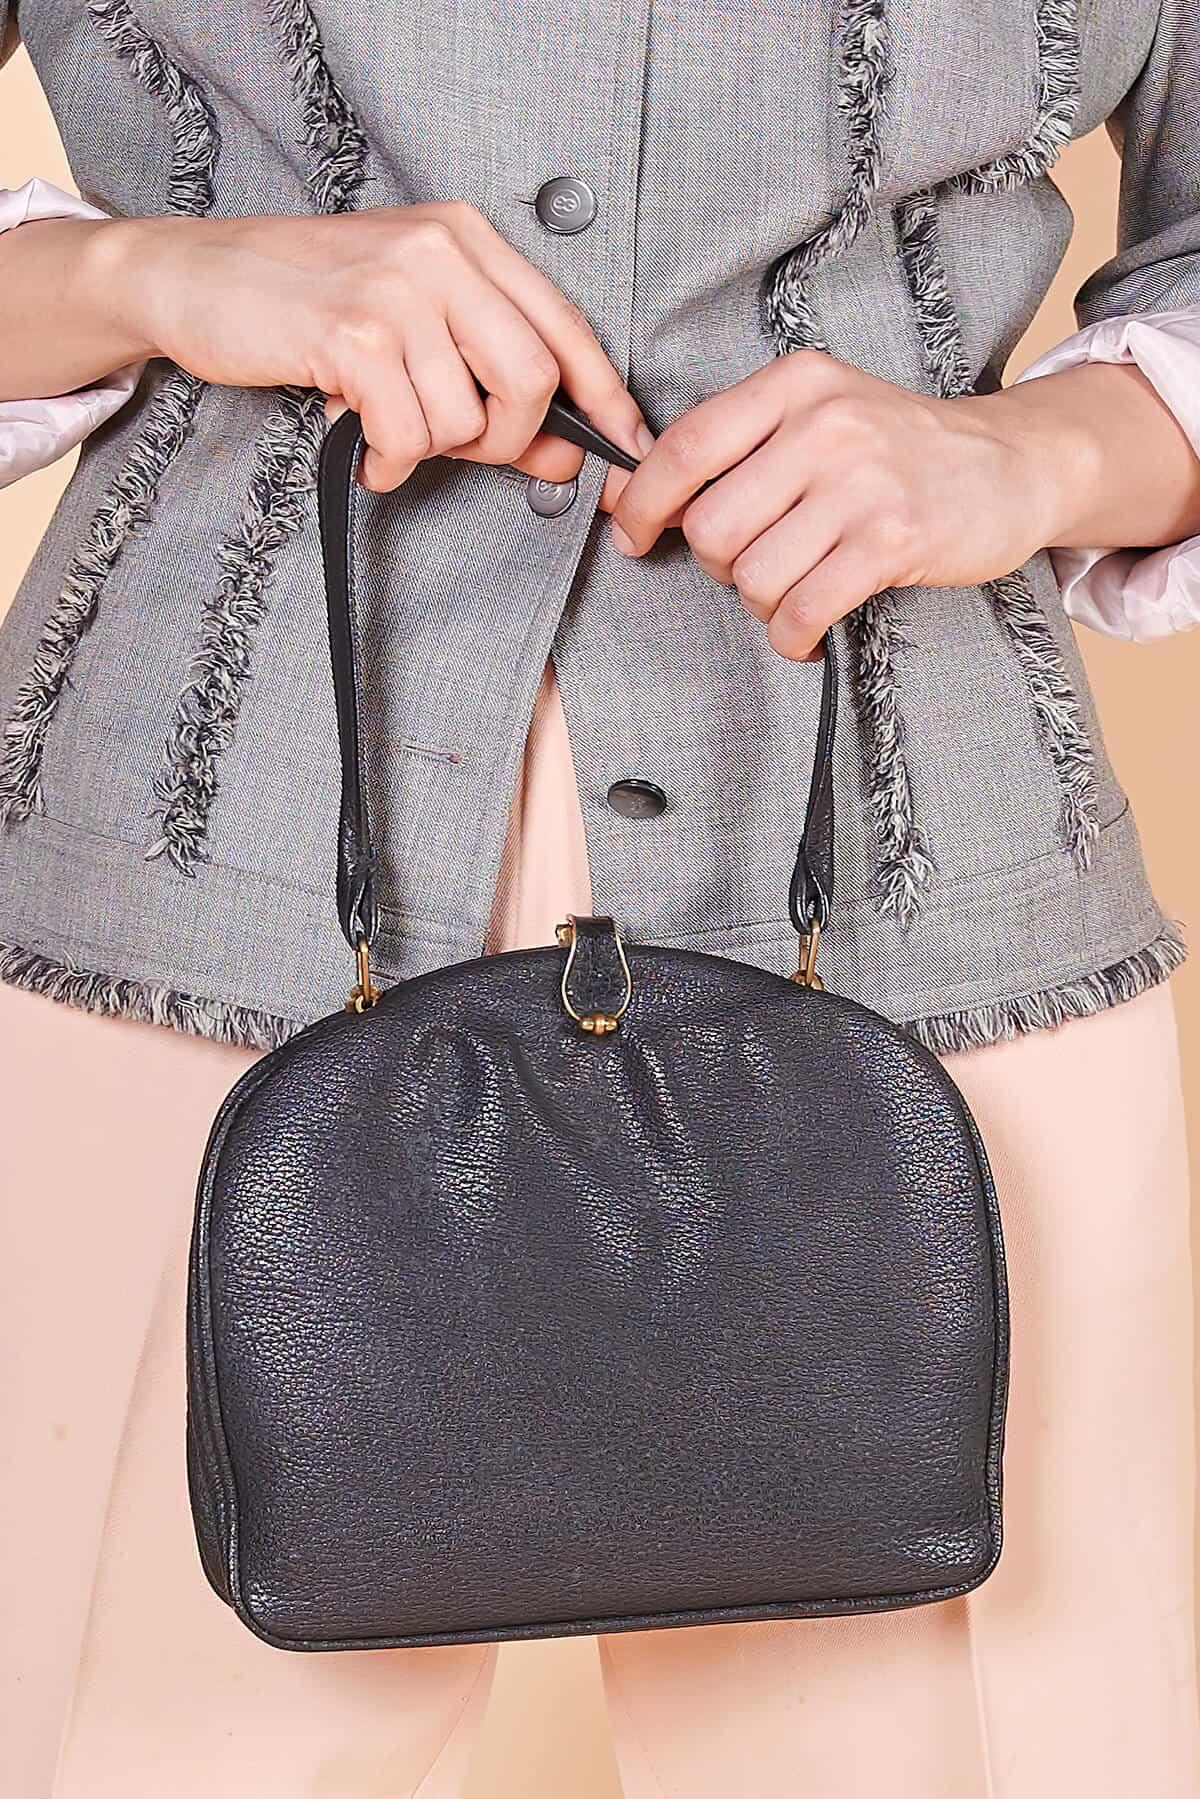 50ler siyah kaliteli deri İsviçre mlı vintage çanta